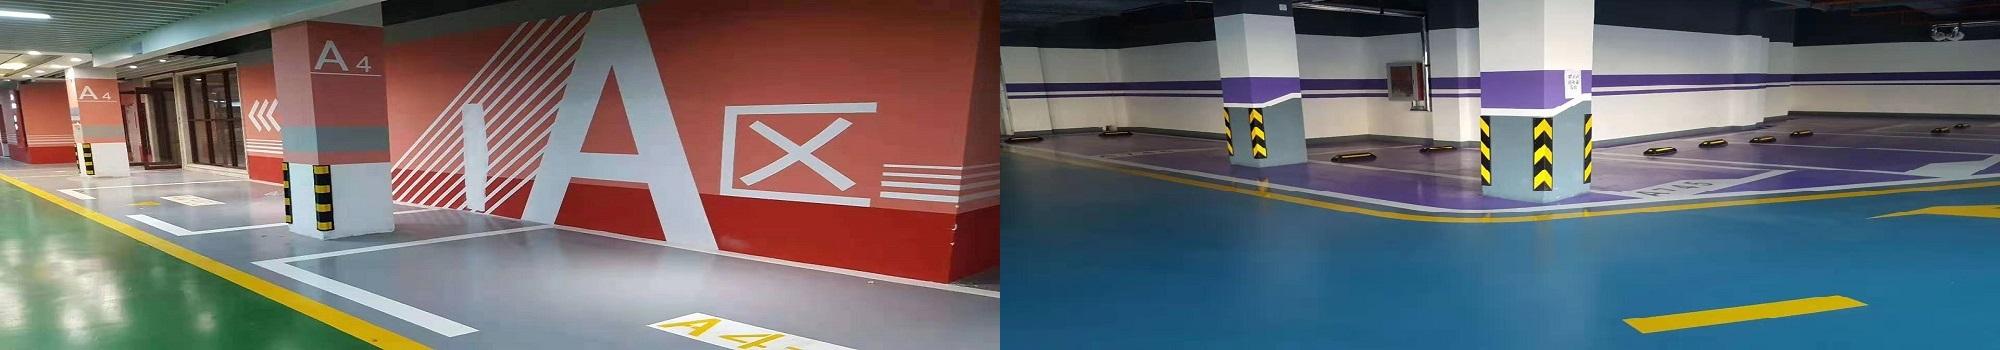 廊坊承德北京停车场设